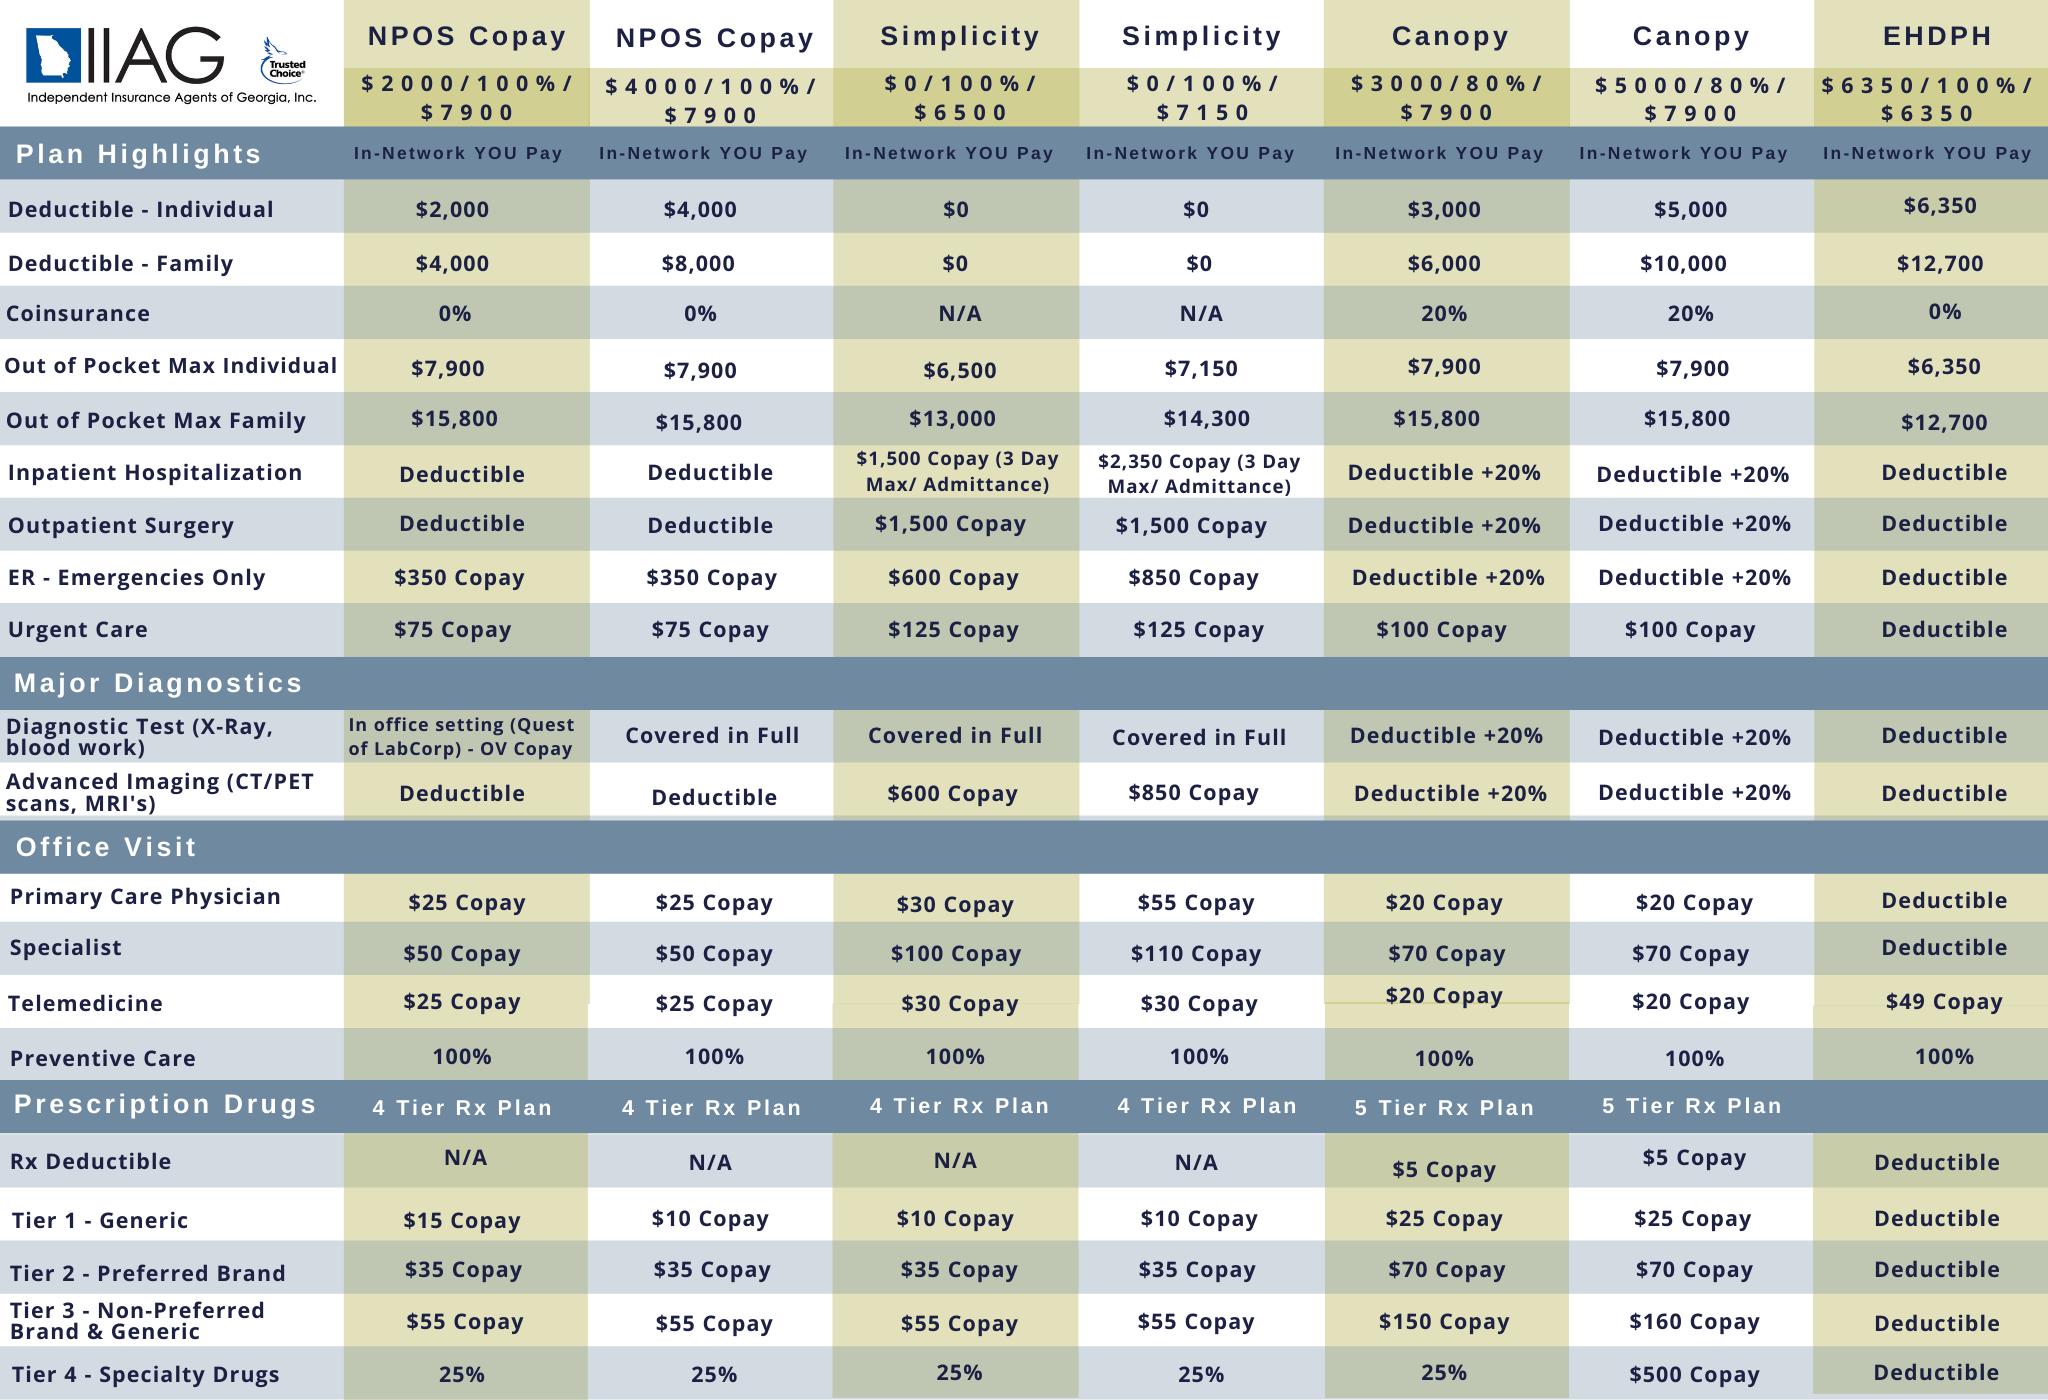 IIAG AHP Plan Matrix (3)